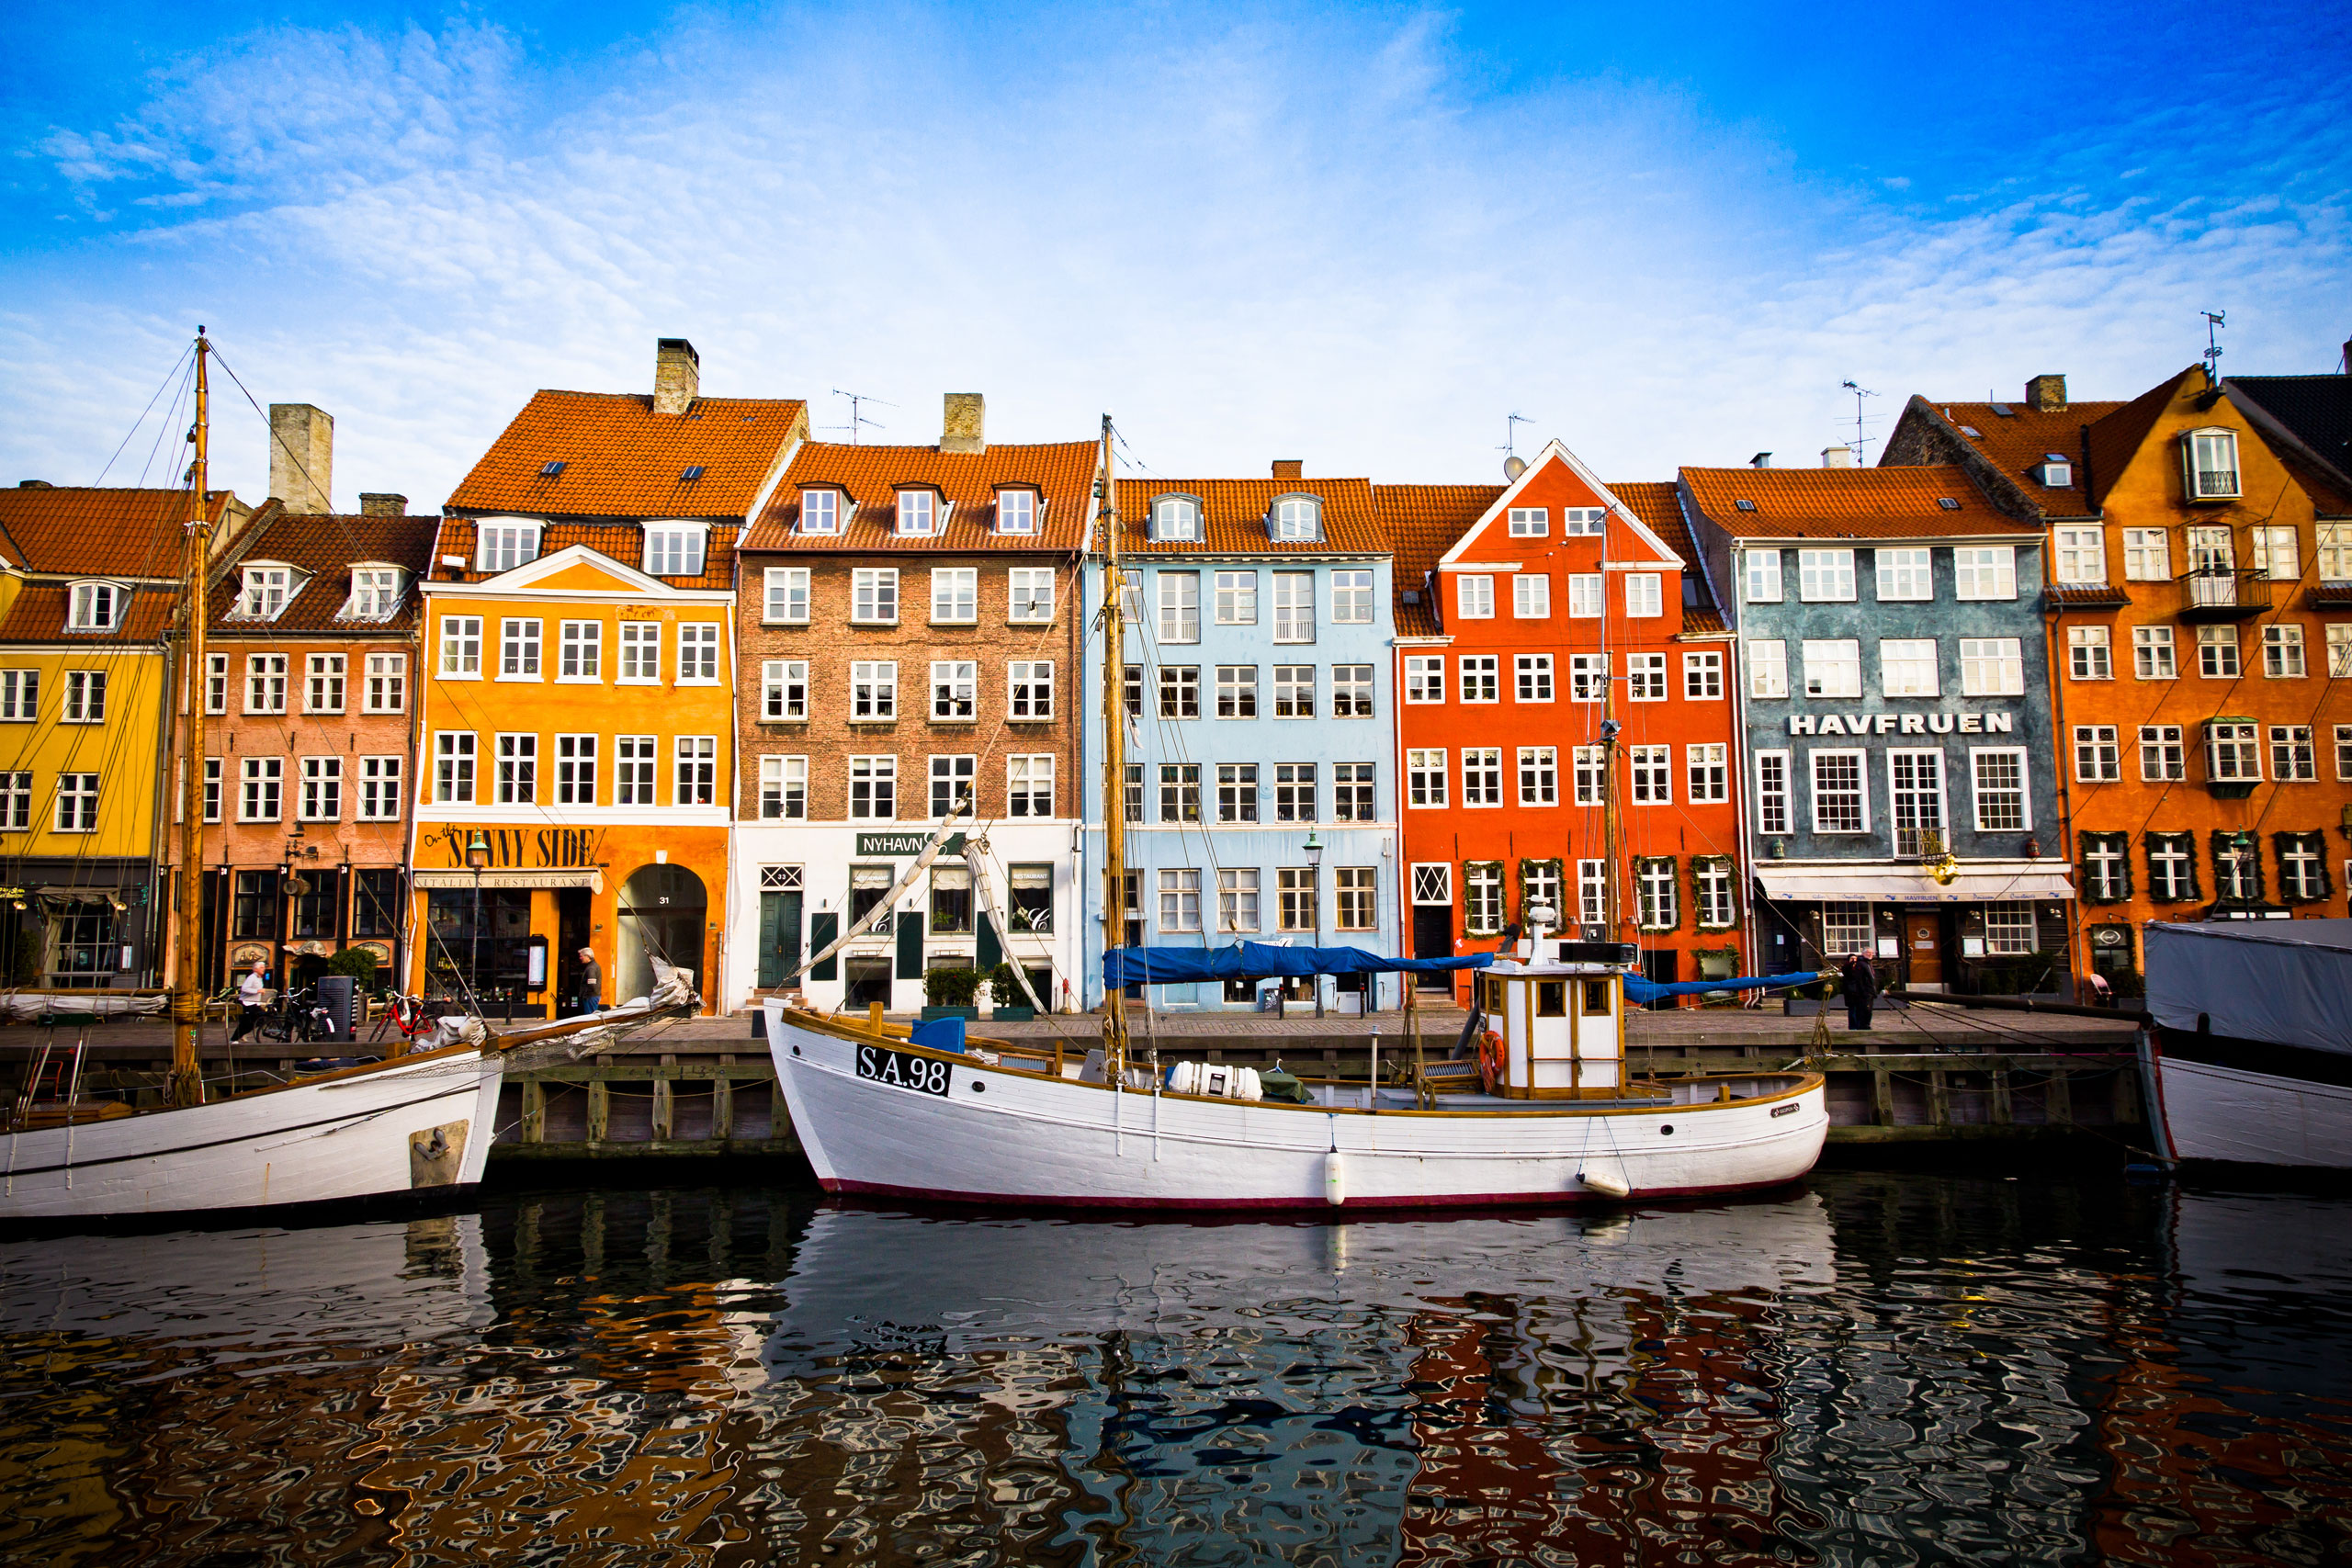 8. Copenhagen, Denmark